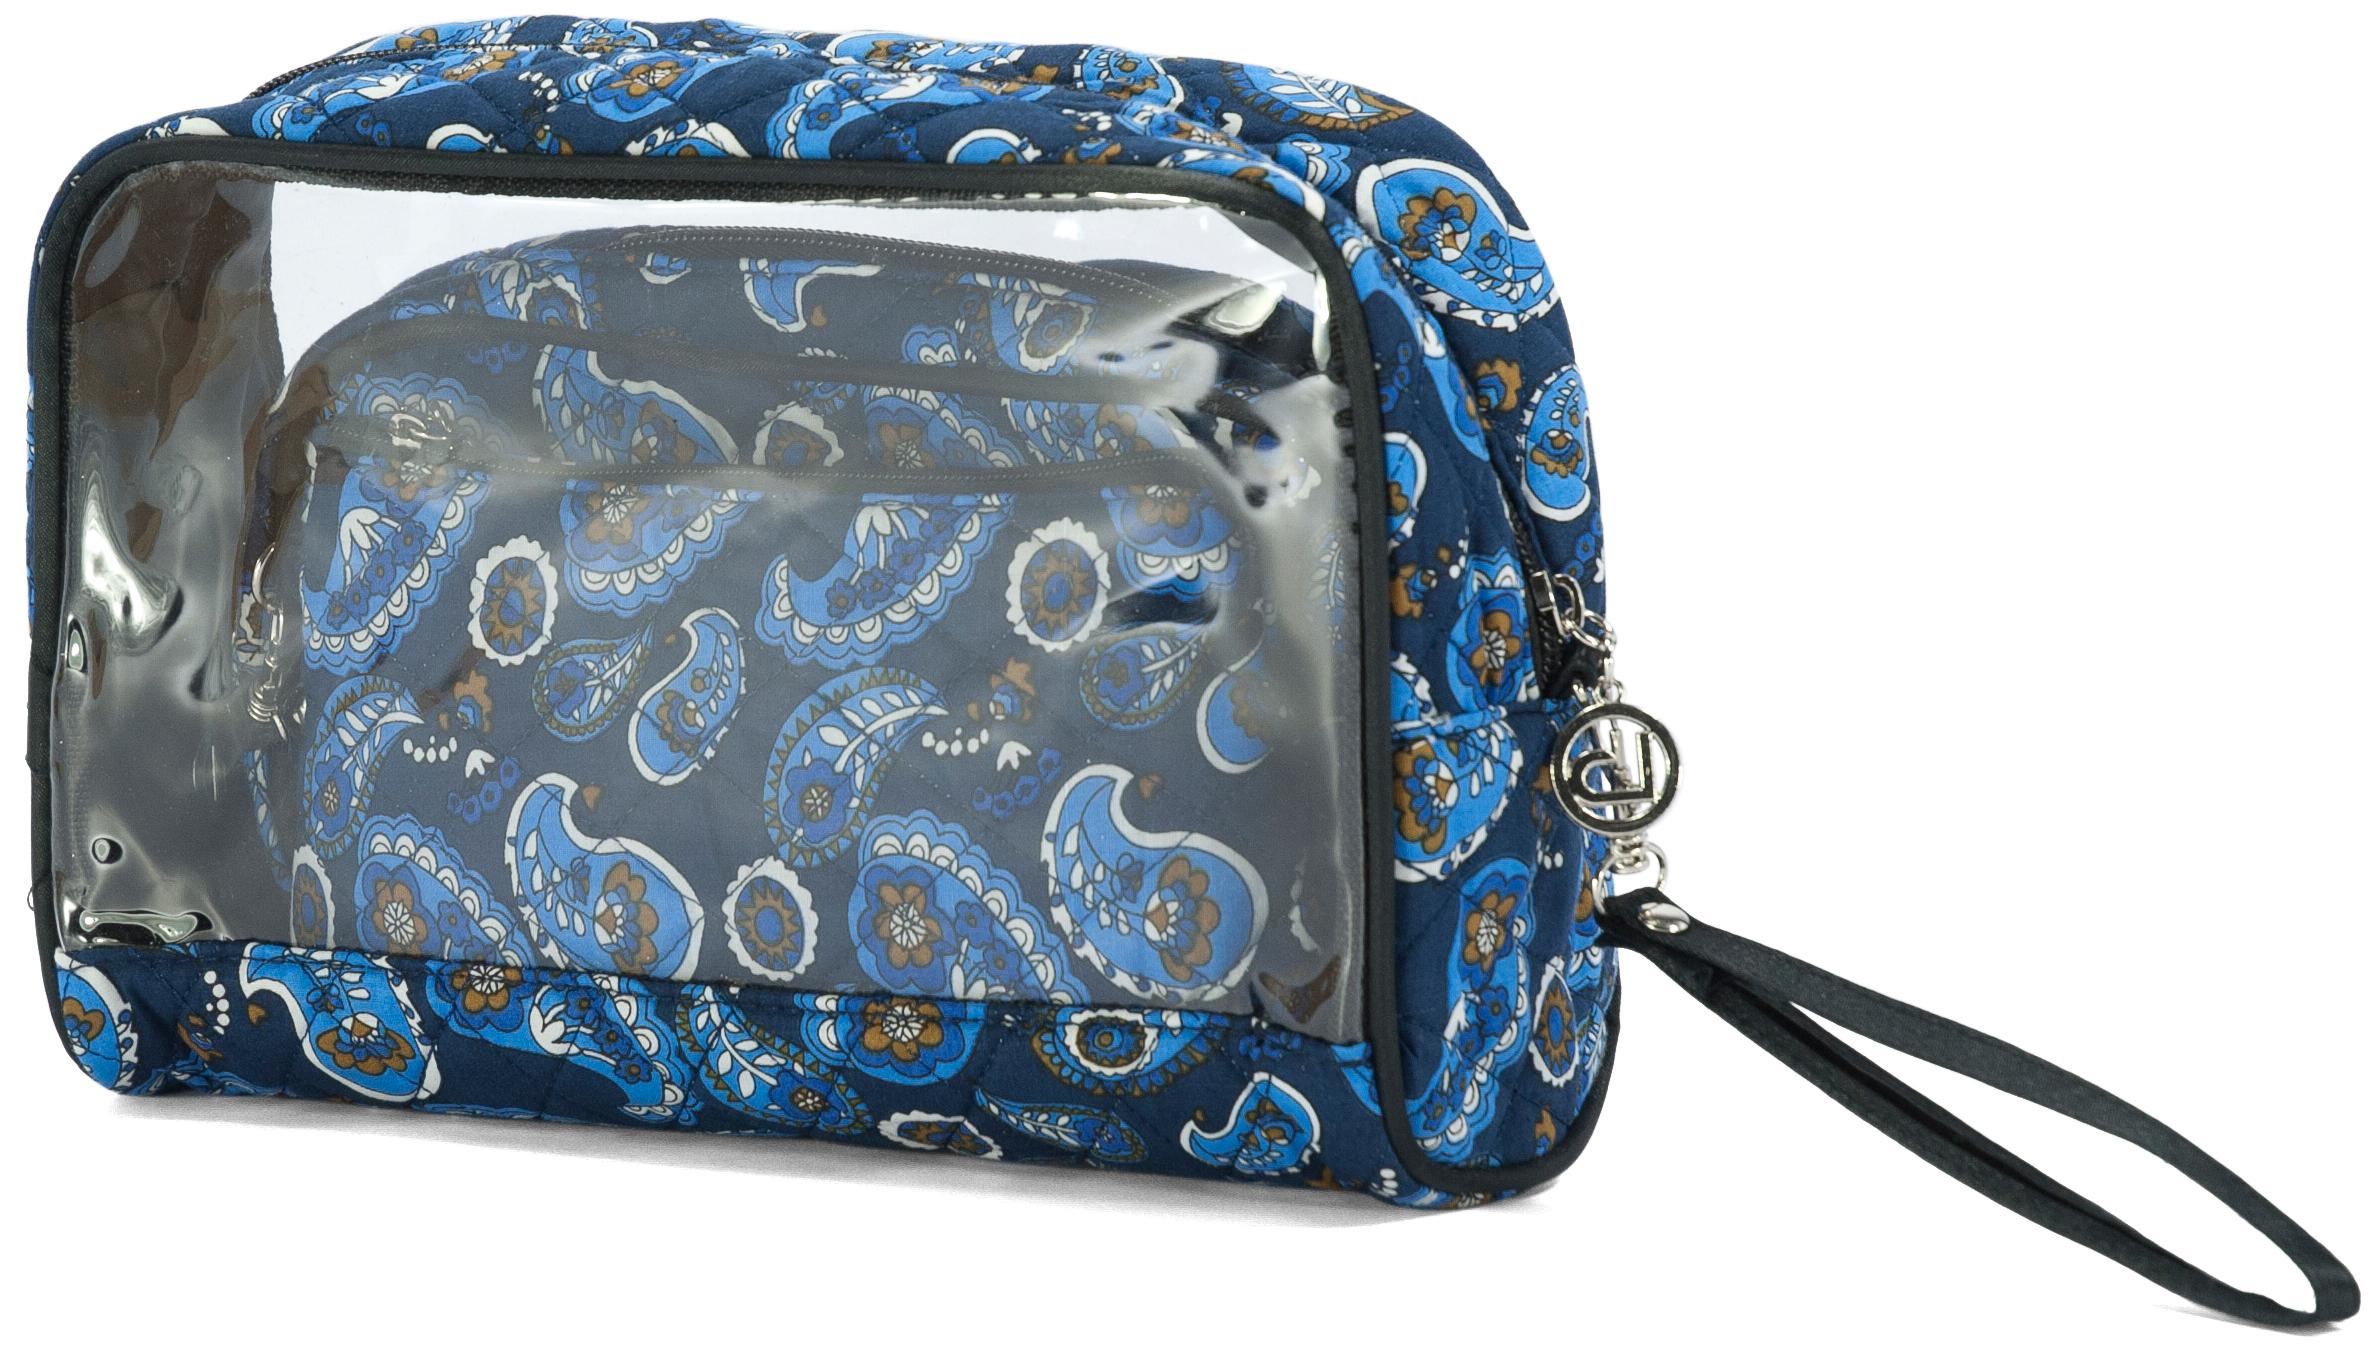 Νεσεσέρ Σετ 3τμχ benzi 5015 Blue - benzi - BZ-5015-blue ειδη οικ  χρησησ βαλίτσες   τσάντες ταξιδίου